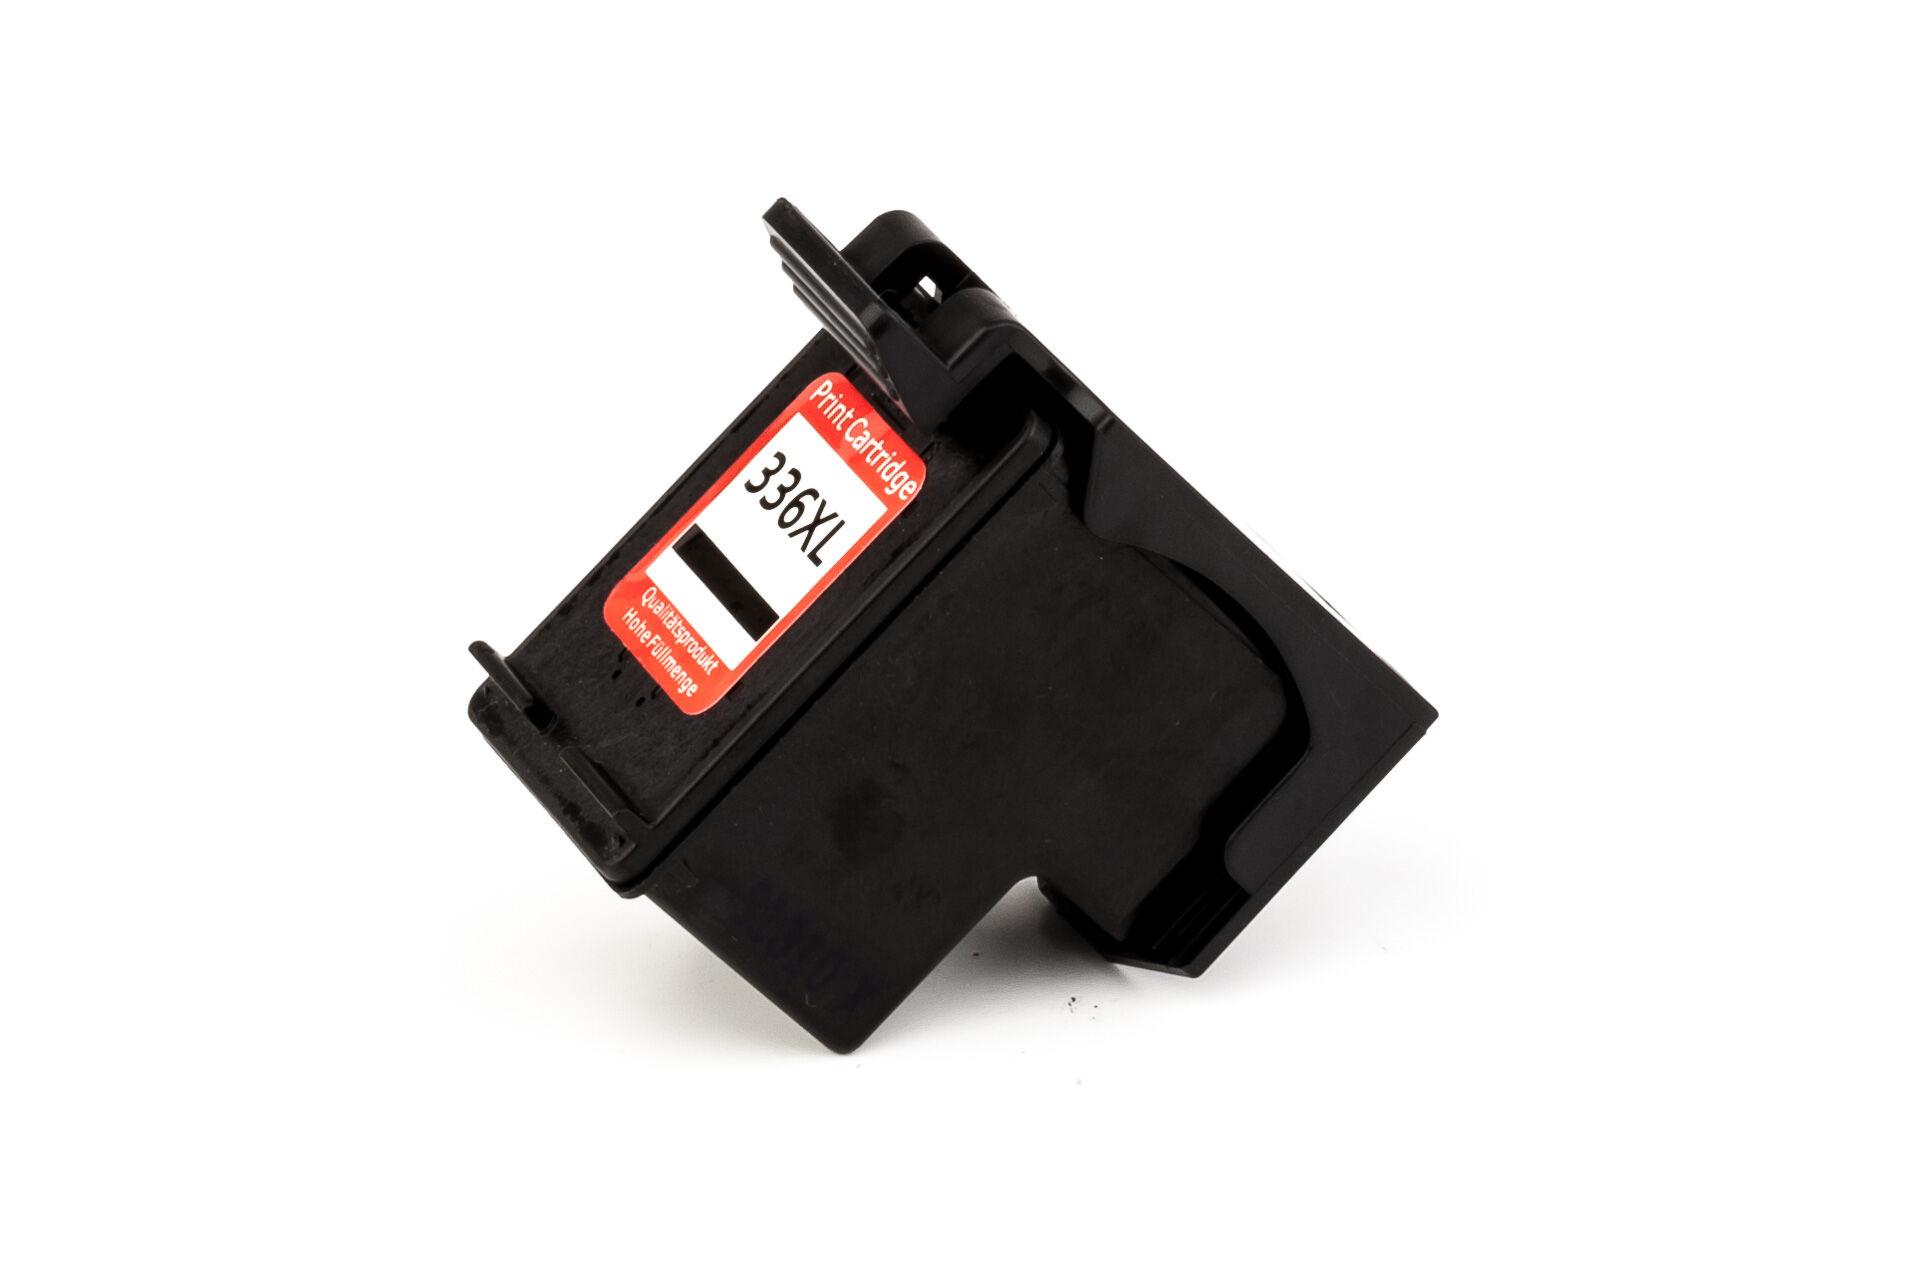 HP Cartouche d'encre pour HP C9362EE / 336 noir compatible (de marque ASC)